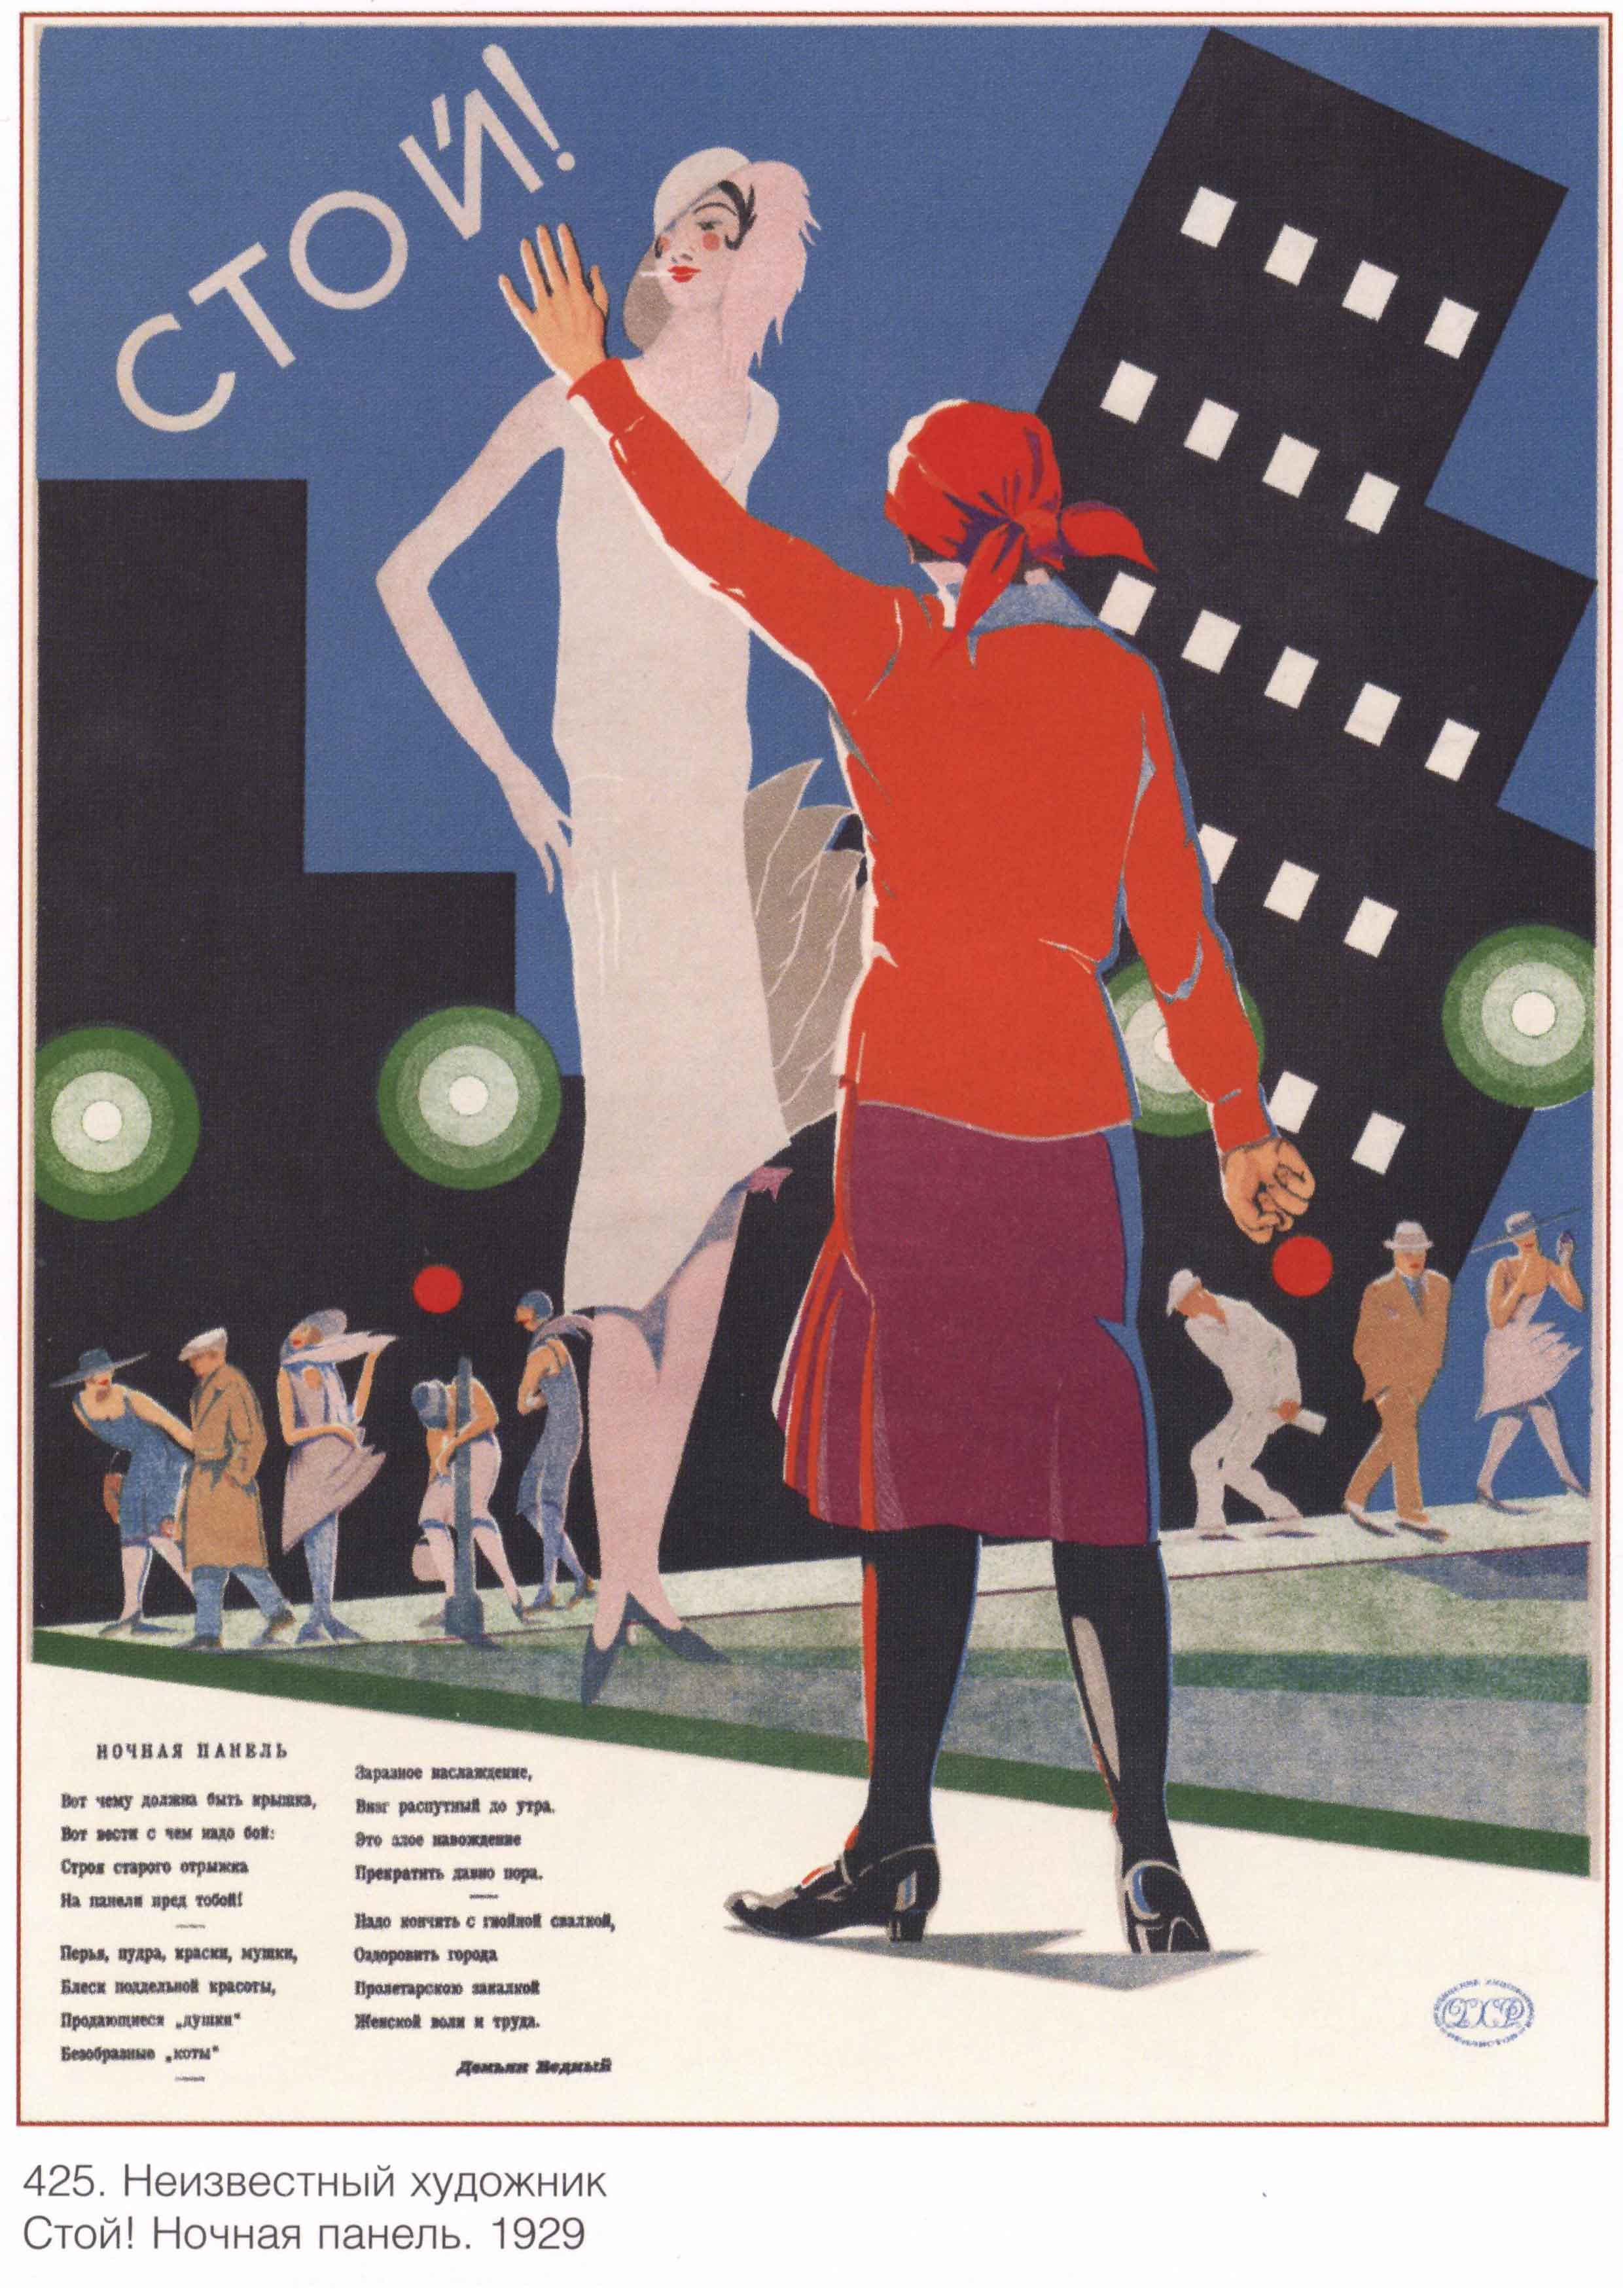 Неизв худ. Стой! Ночная панель - стих. Д.Бедного М., 1920-е.jpg